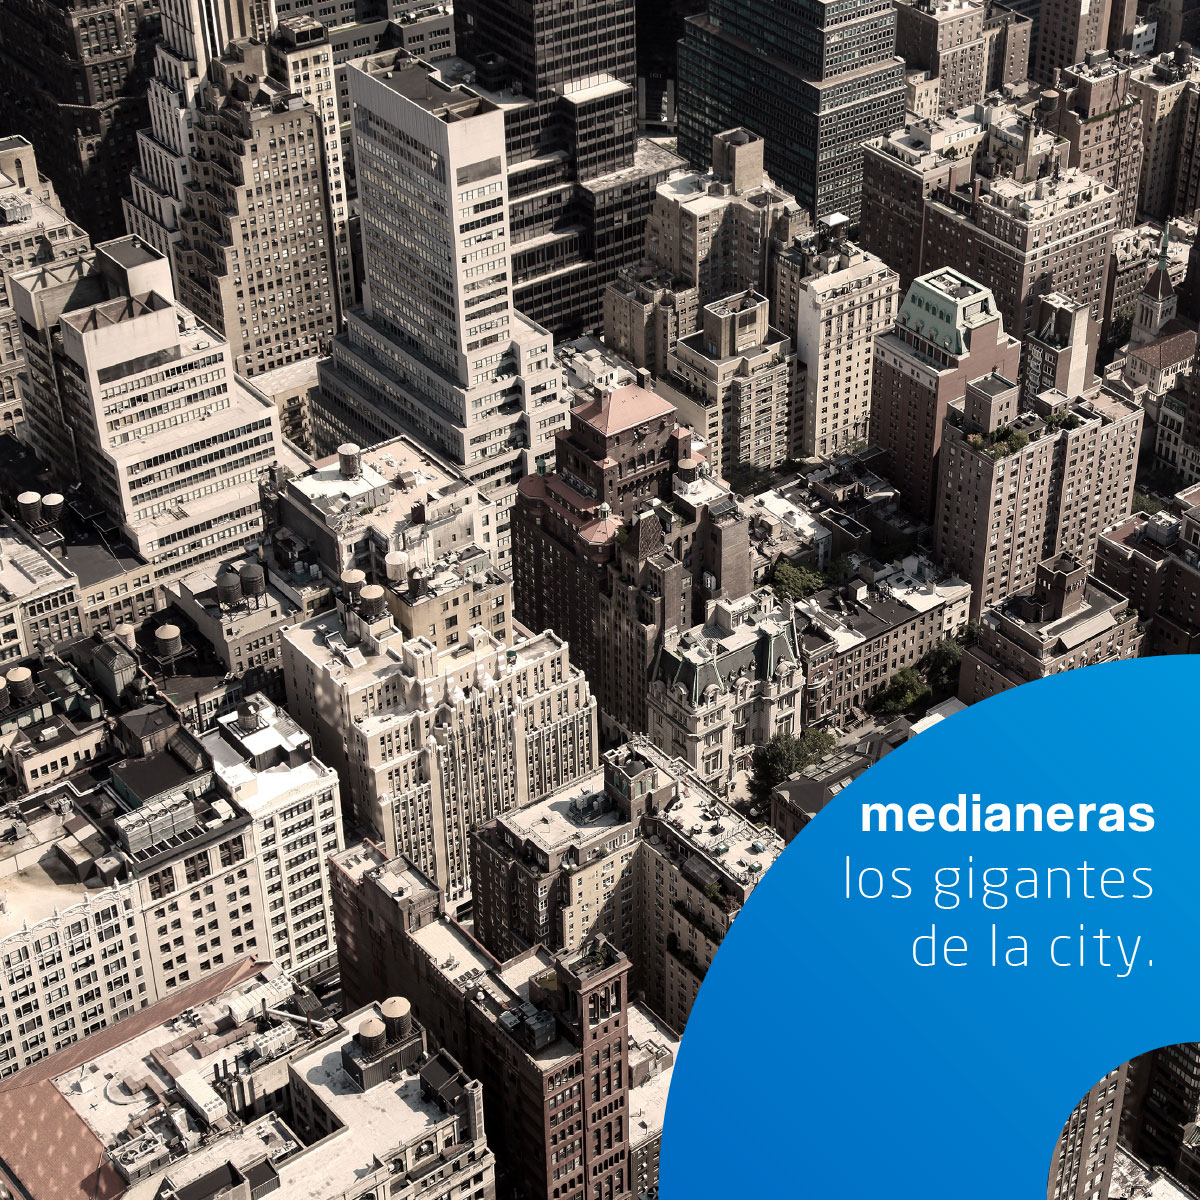 City Comunicación. Medianeras